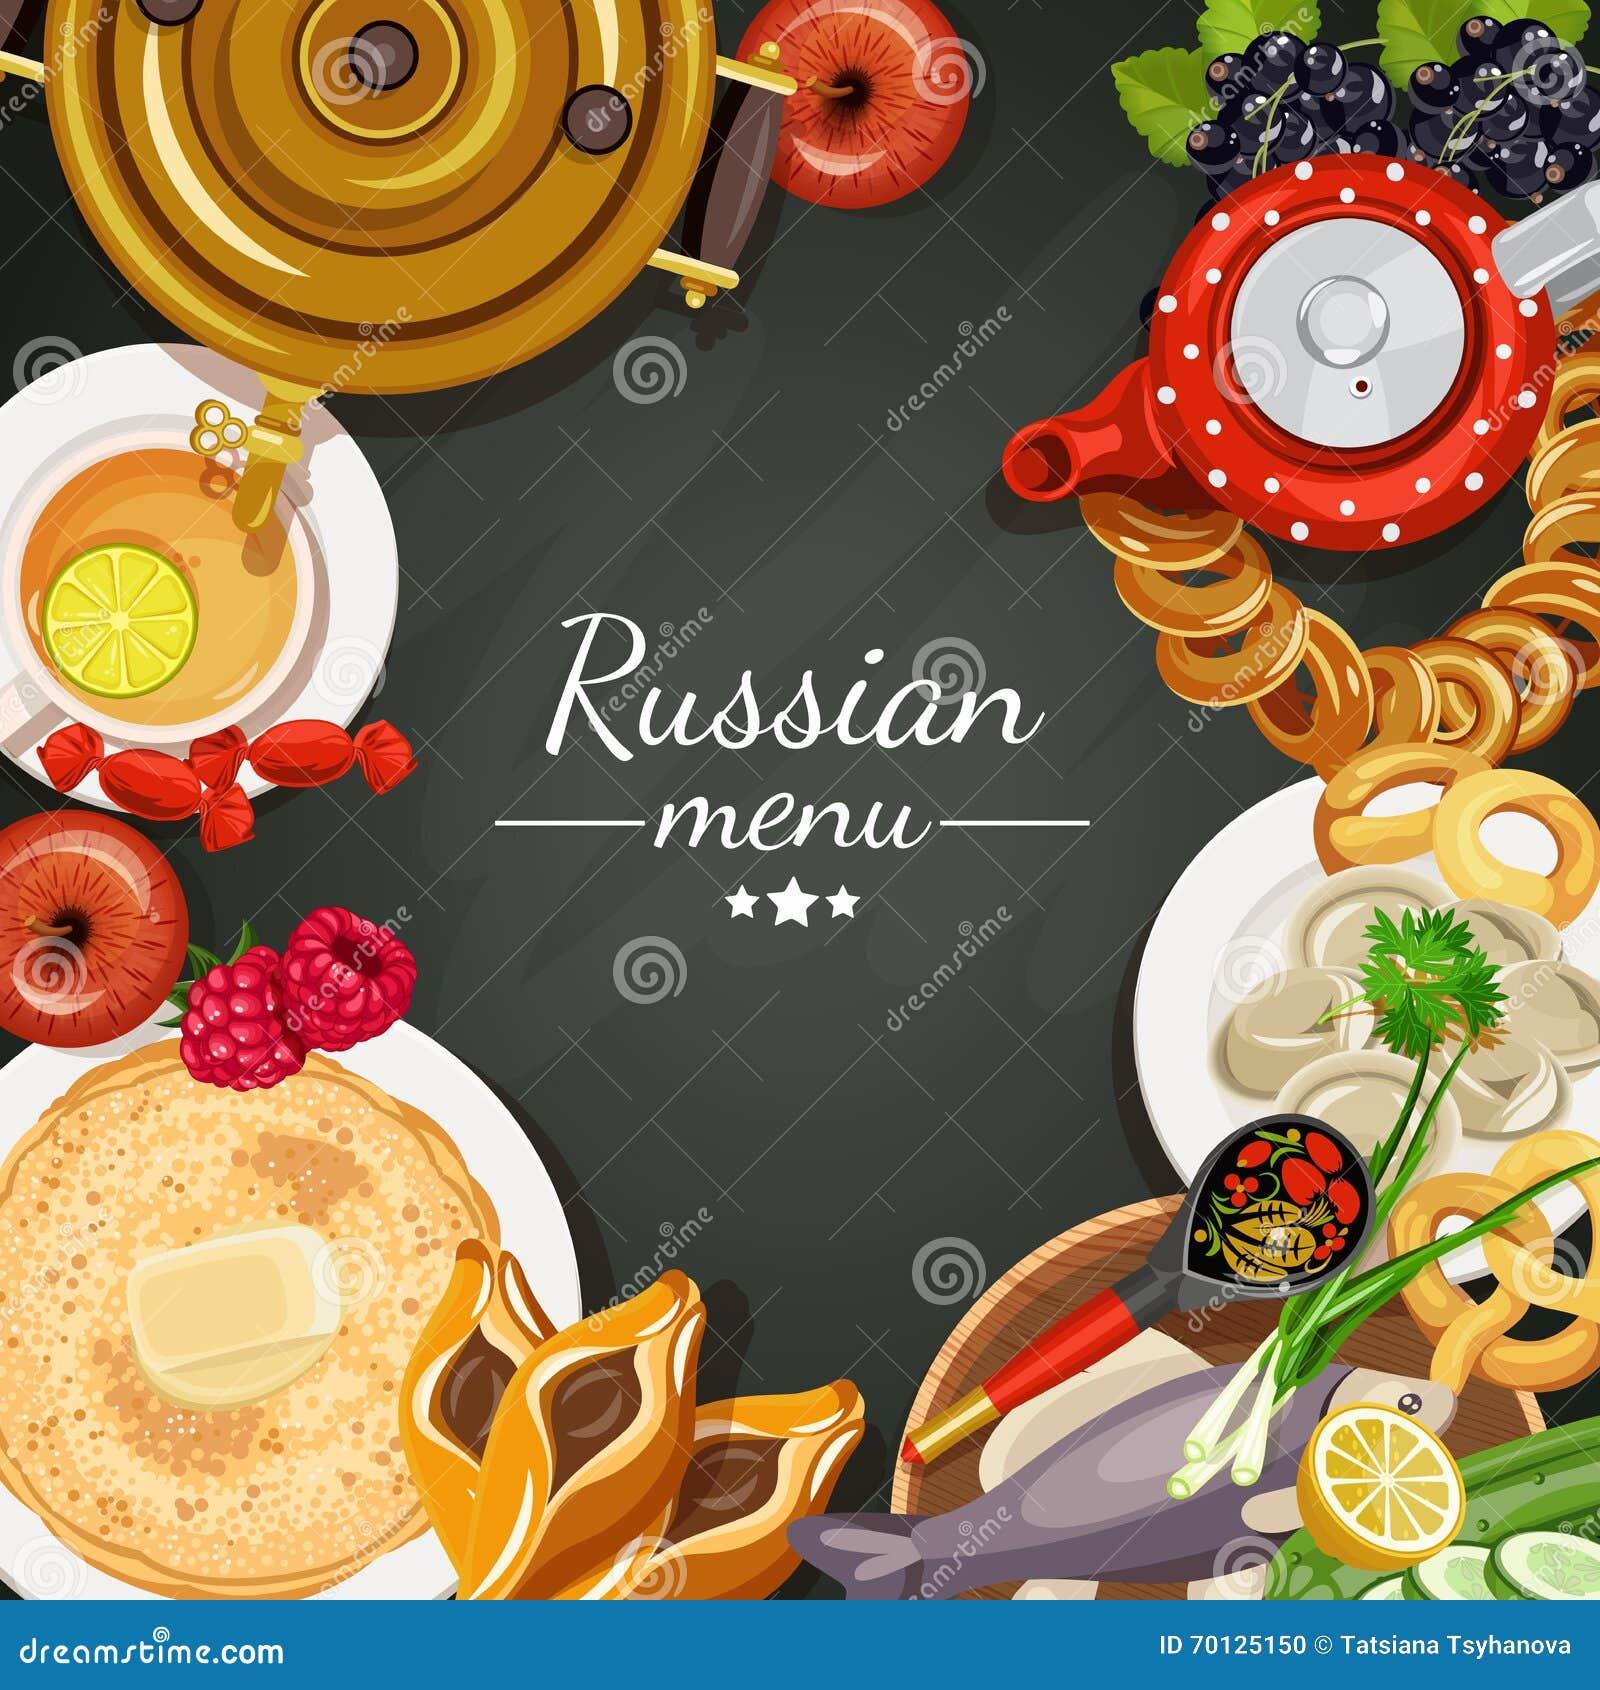 russland menühintergrund russische küche vektor abbildung - bild